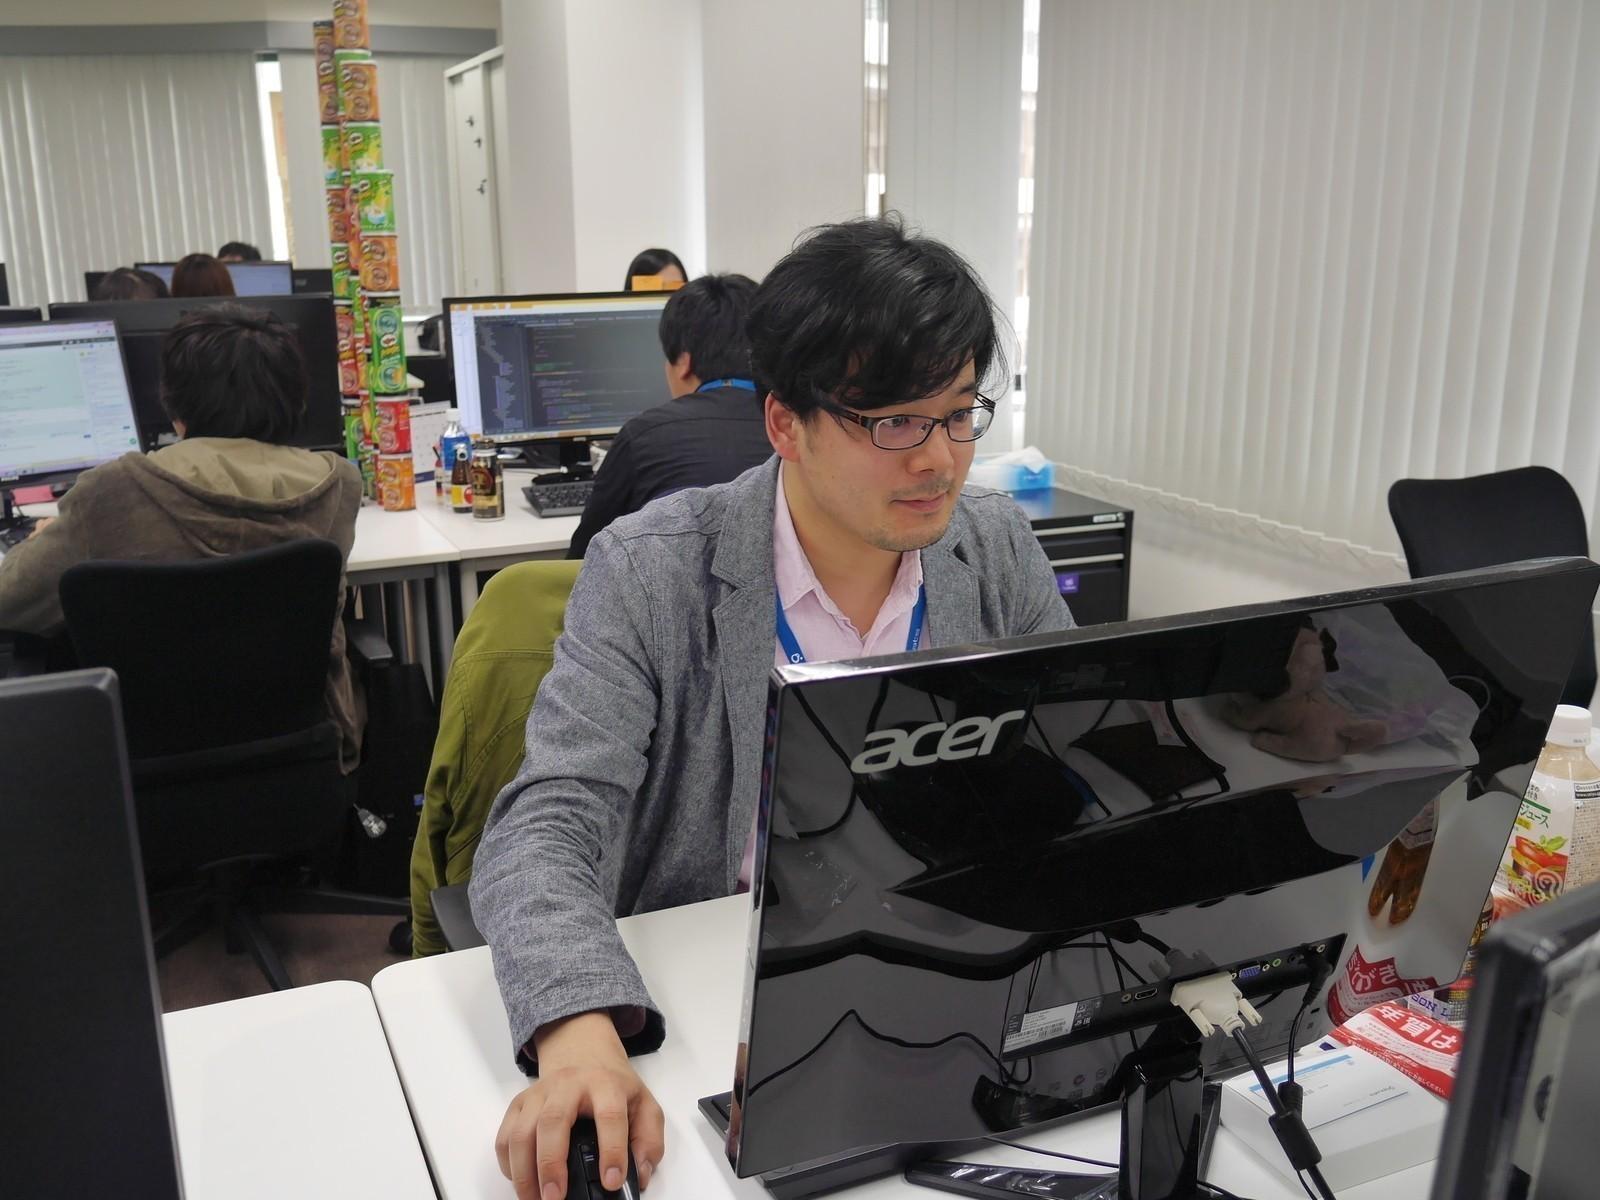 【Webアプリケーションエンジニア募集】新しいビジネスをサポートする自社サービス&システムの開発!